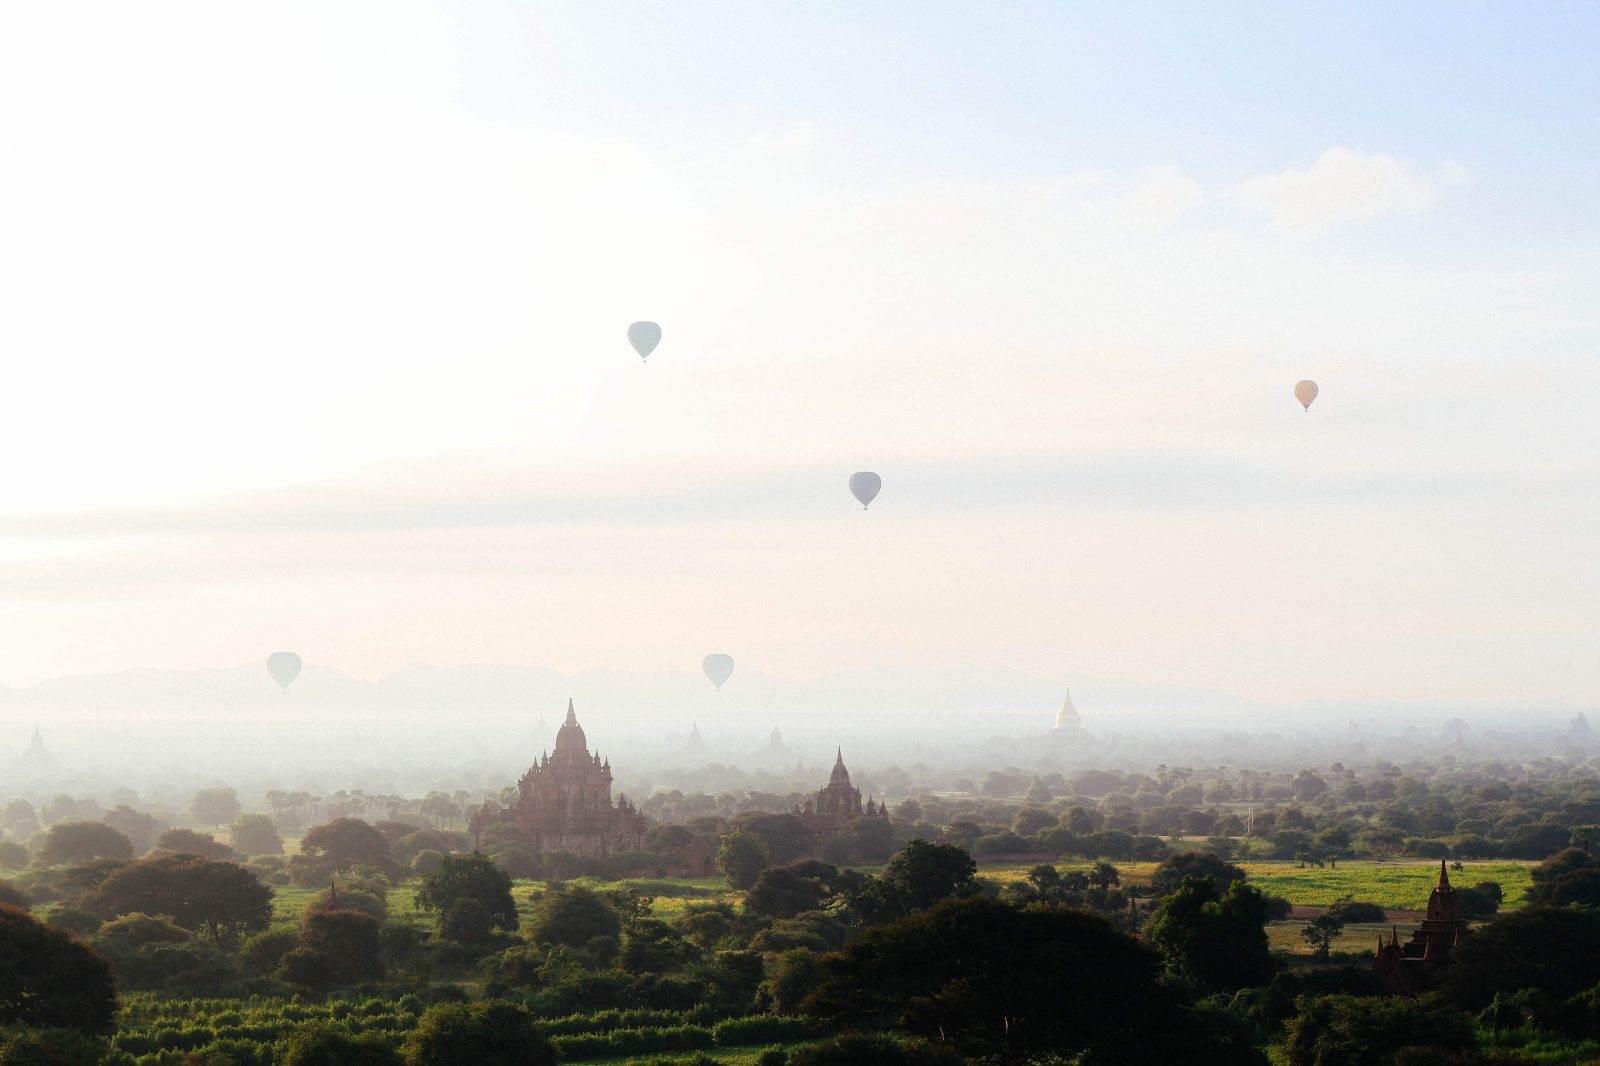 Vista panorámica de templos y globos aeroestáticos